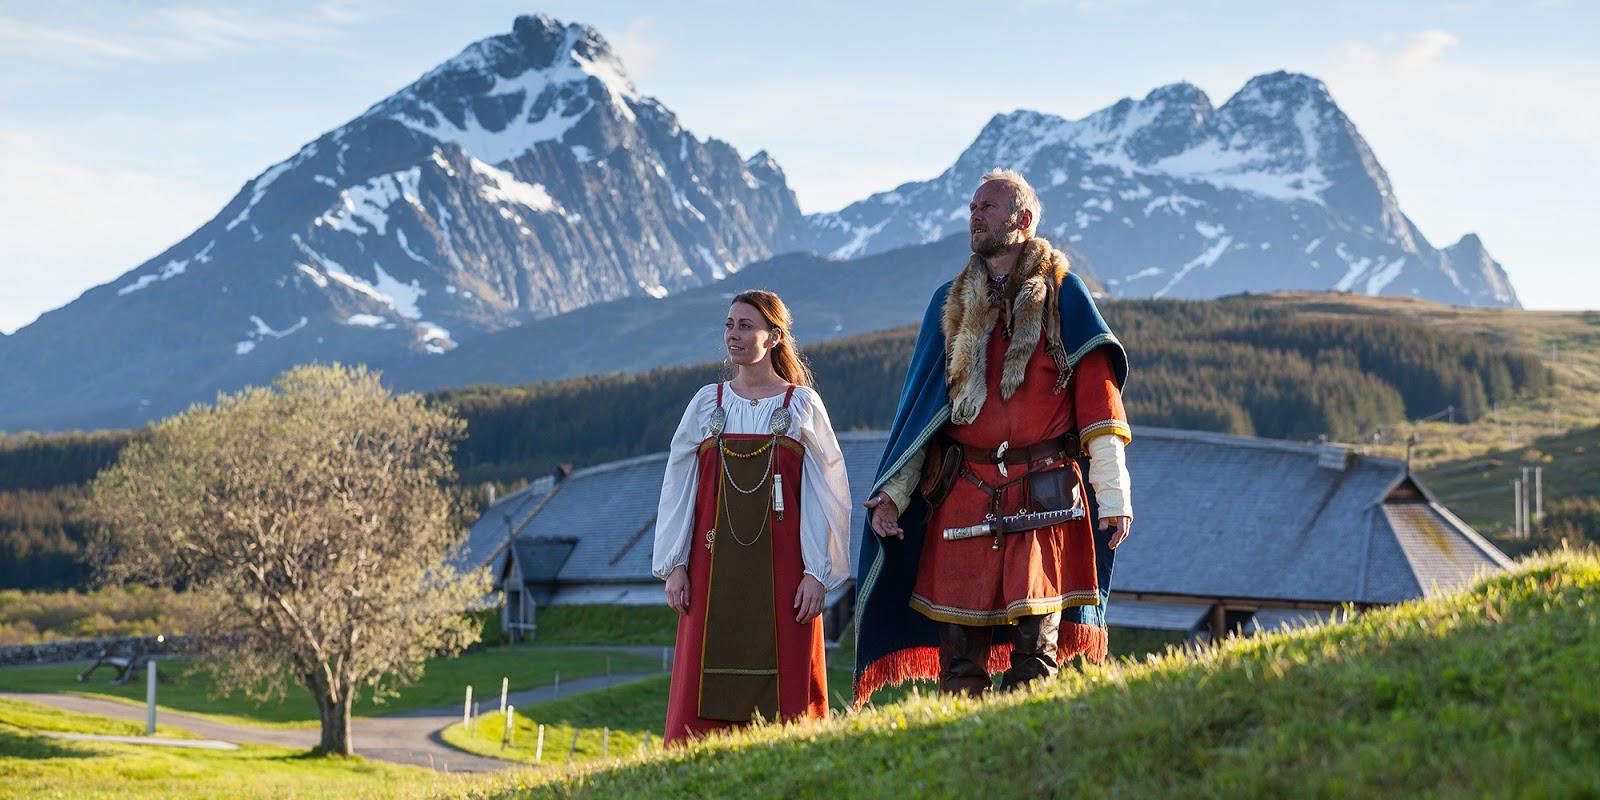 Na Uy là một trong những đất nước đẹp và trong lành nhất thế giới